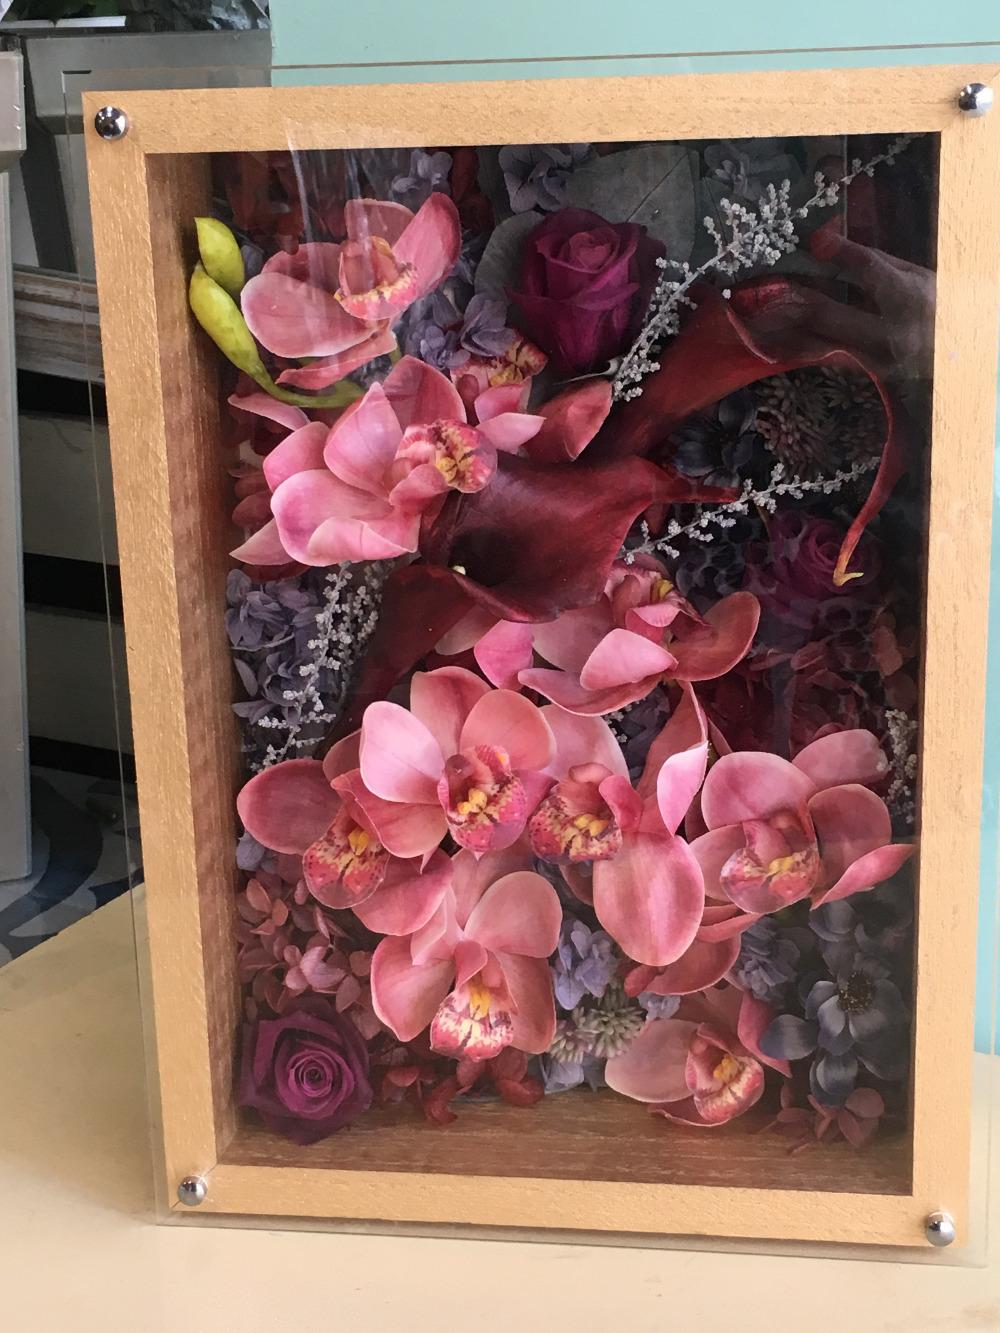 税理士事務所様へお届けした、落ち着いたピンクの開業祝い花 フレームアレンジ